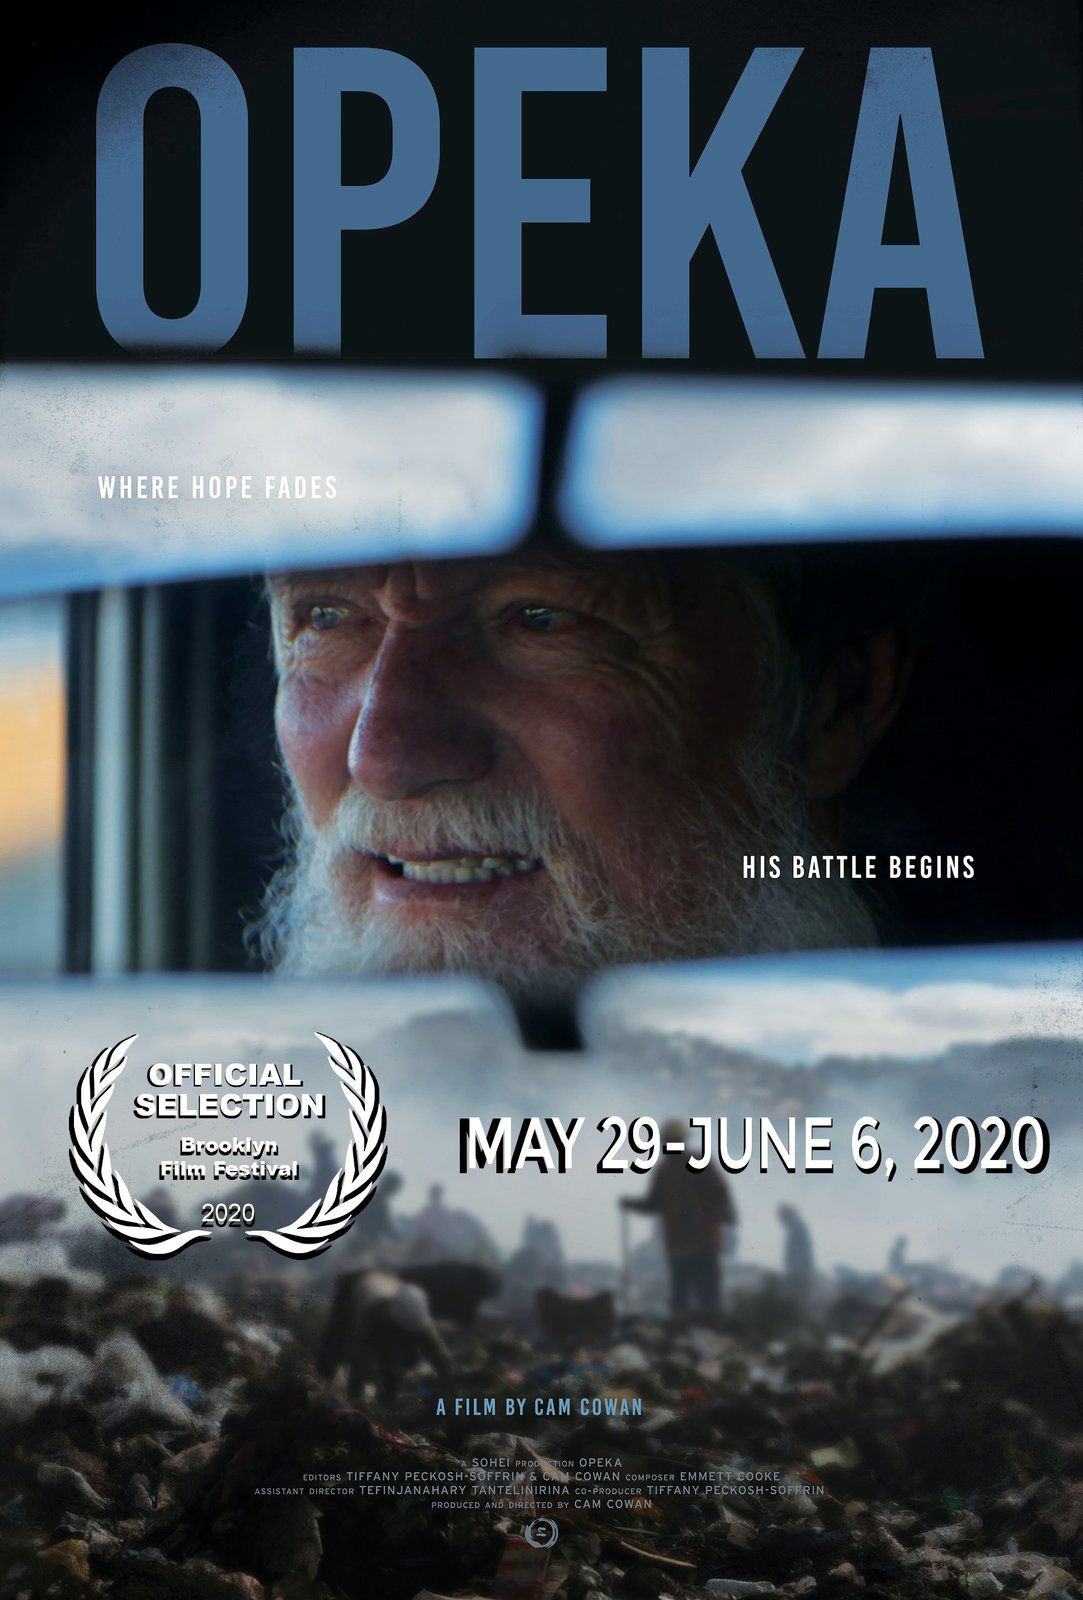 L'affiche du film de Cam Cowan sur le père Pedro sélectionné au Brooklyn Film Festival 2020